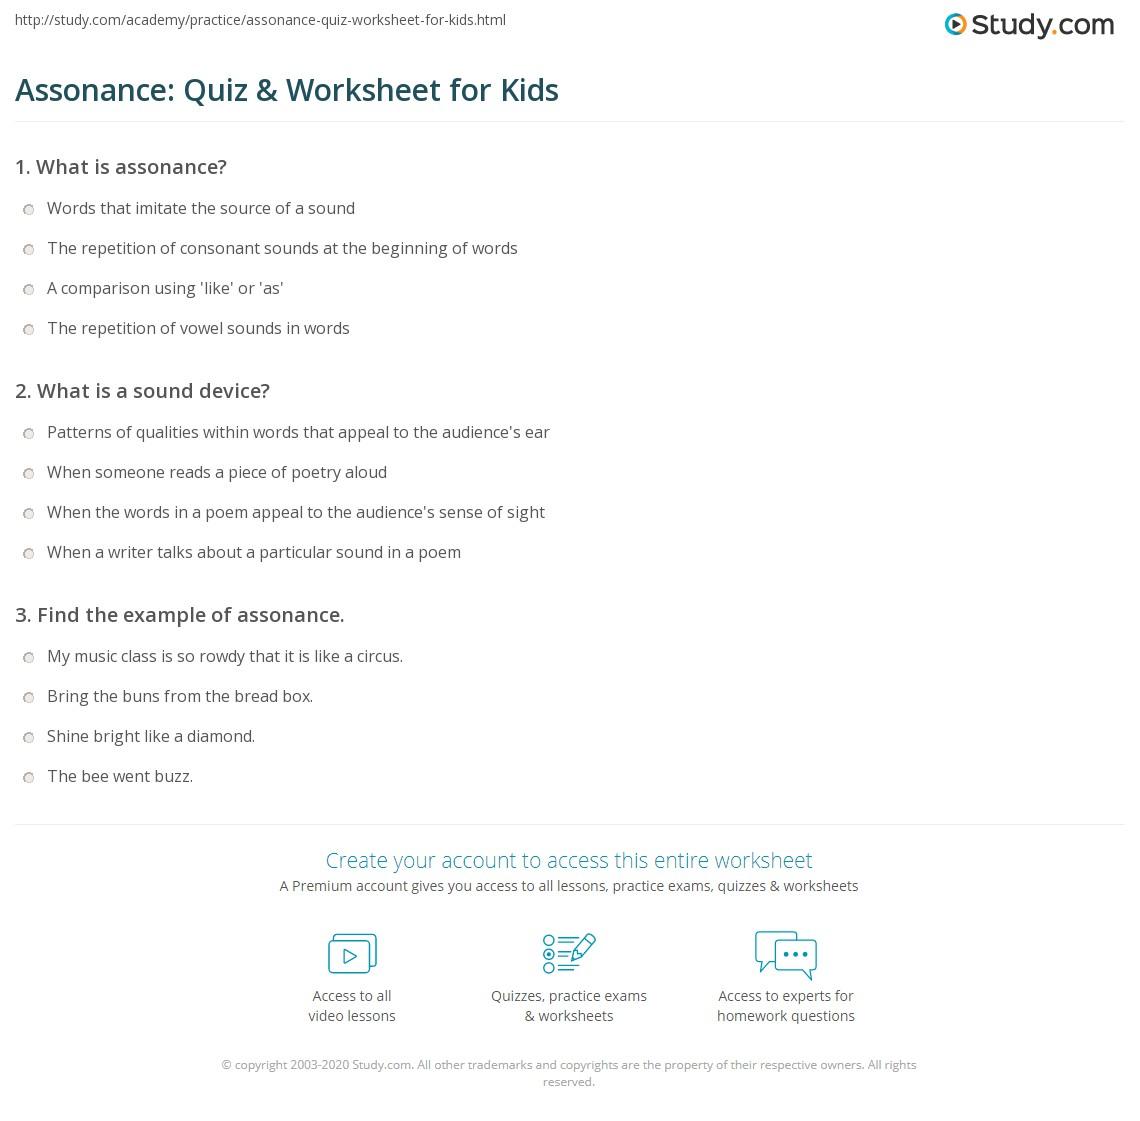 assonance quiz worksheet for kids. Black Bedroom Furniture Sets. Home Design Ideas